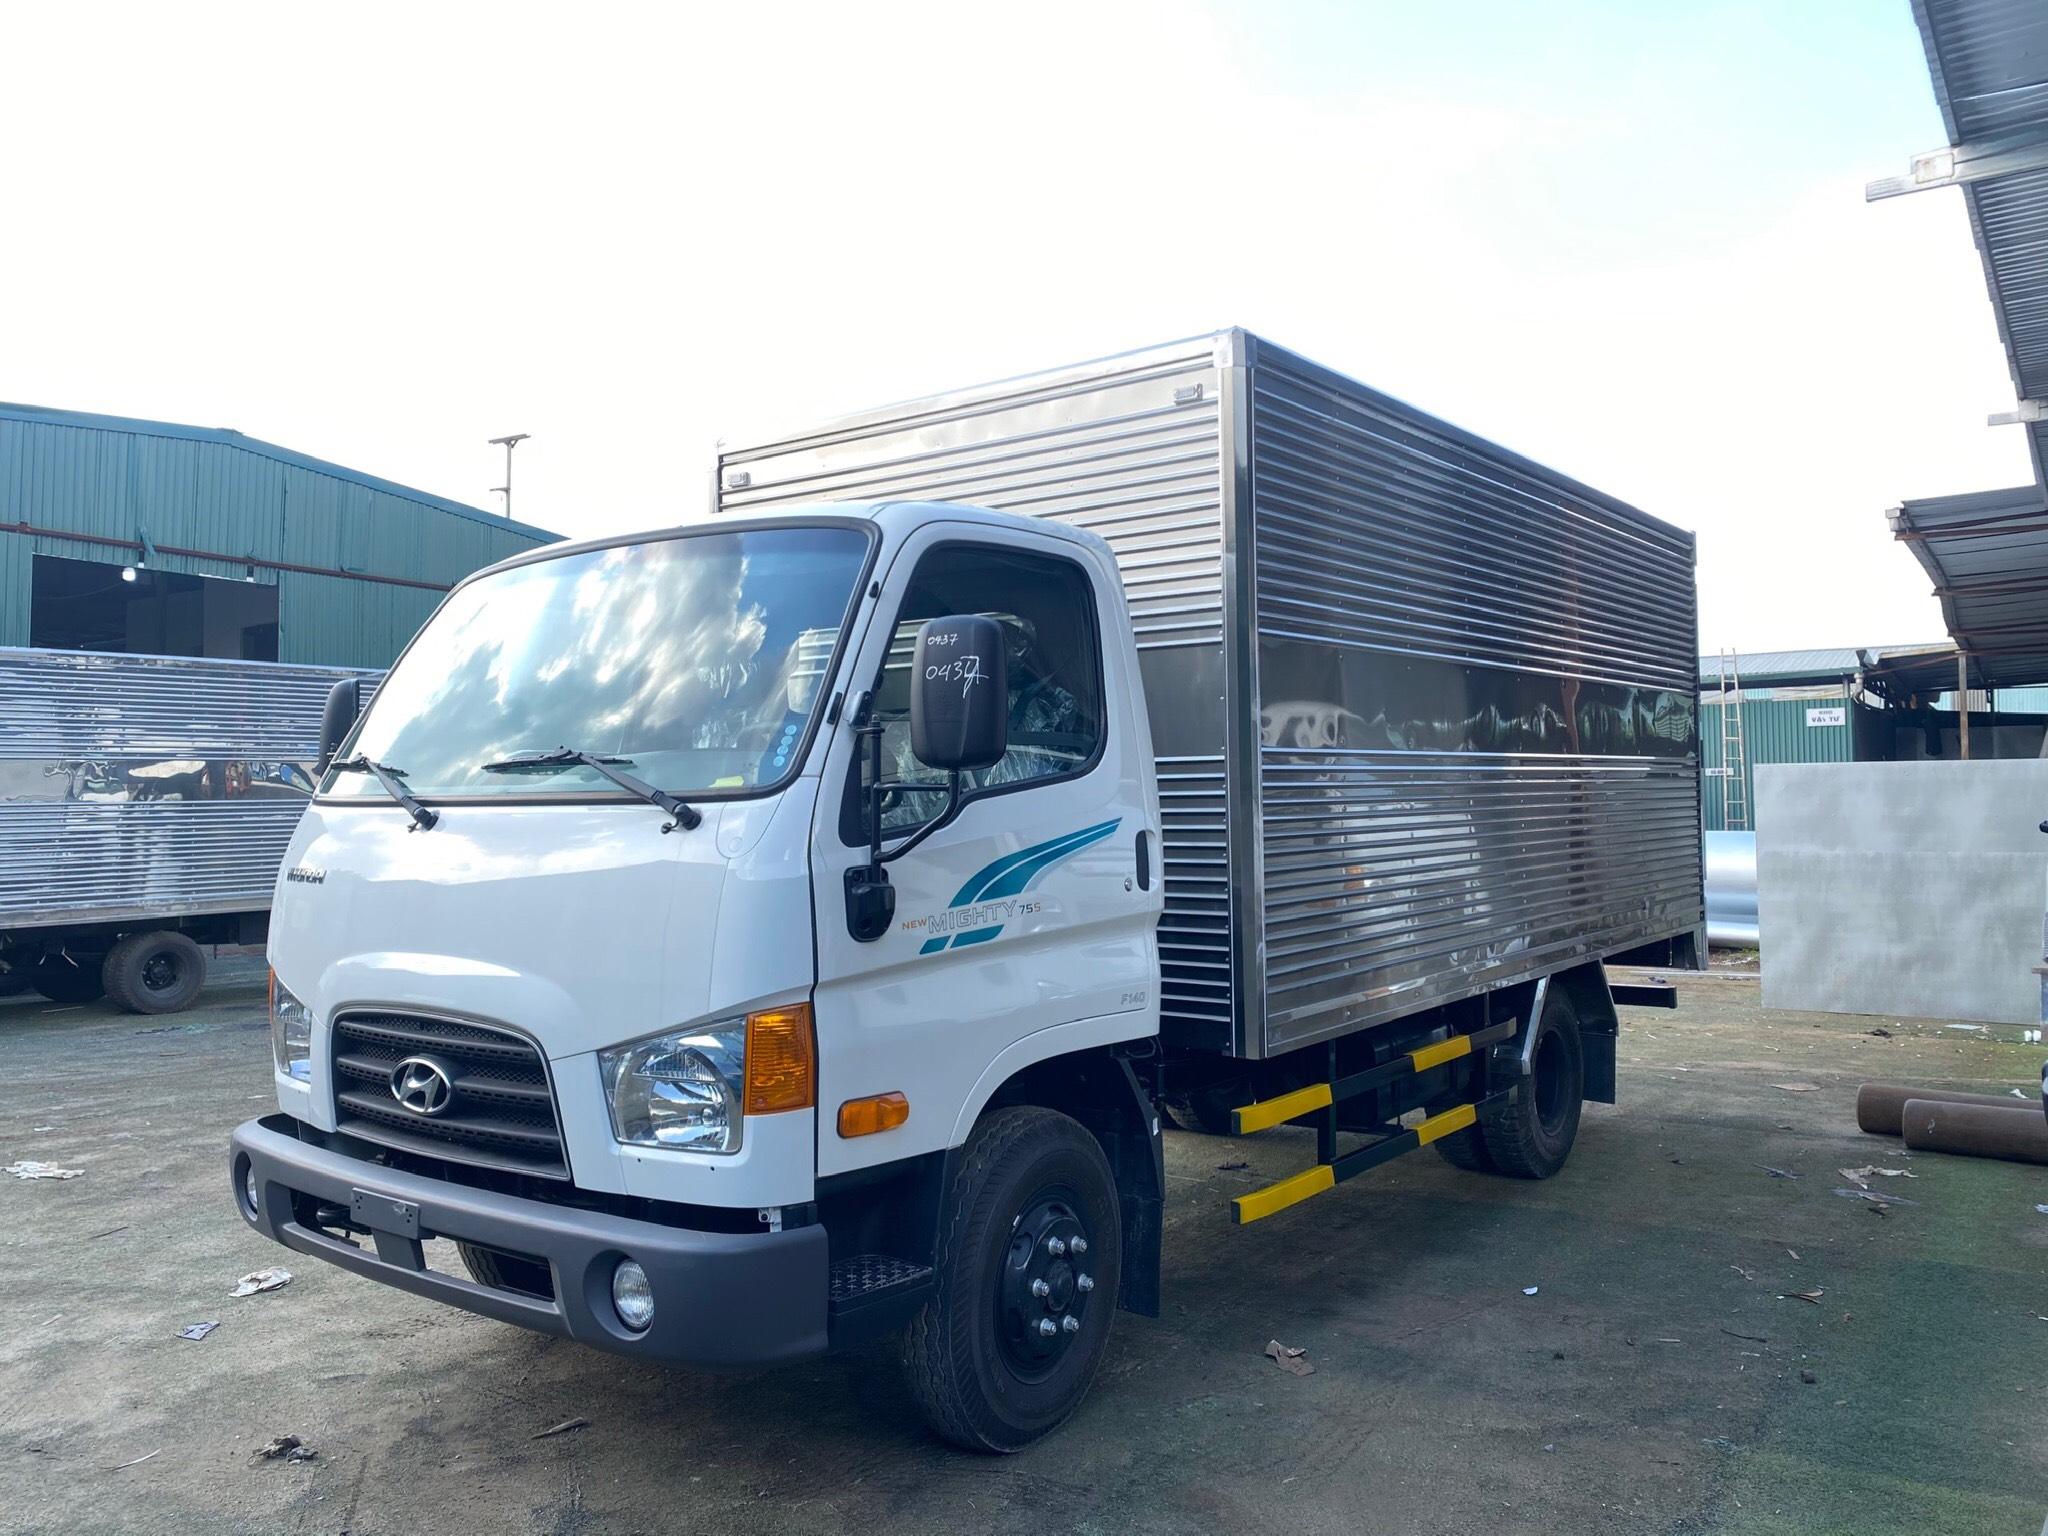 Bán xe tải Hyundai 75S tại Thái Bình